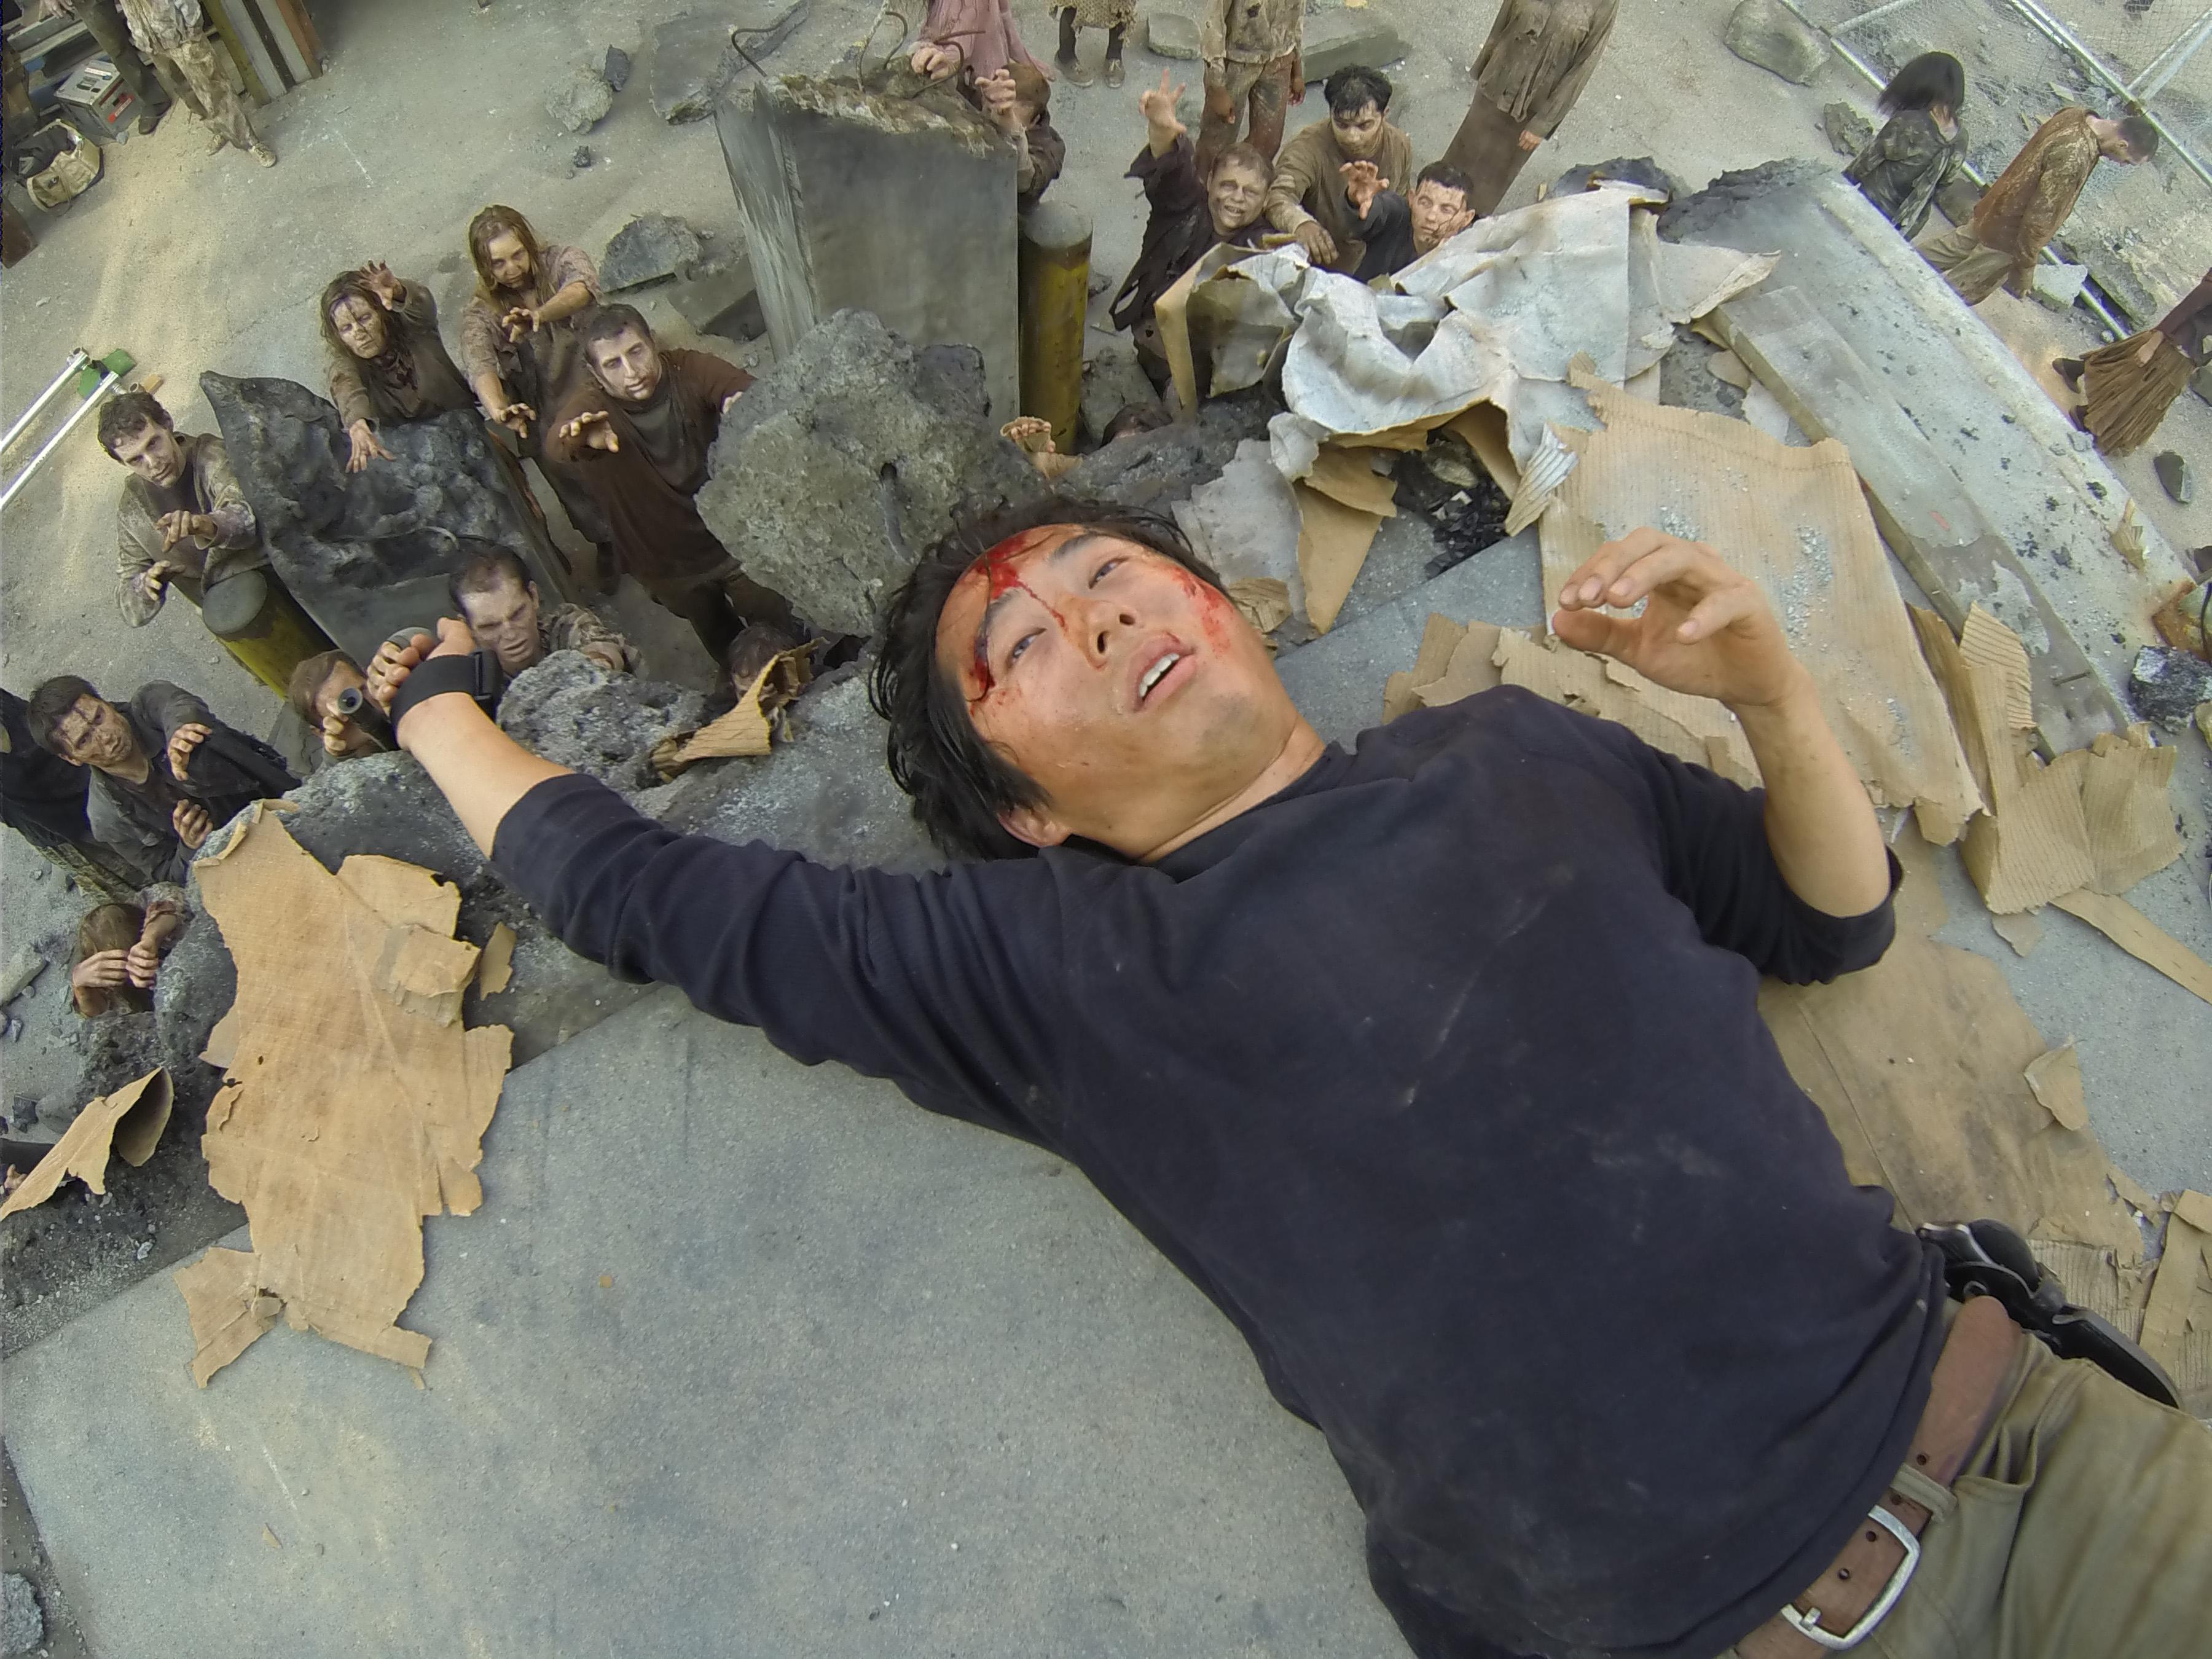 File:Glenn lying.jpg